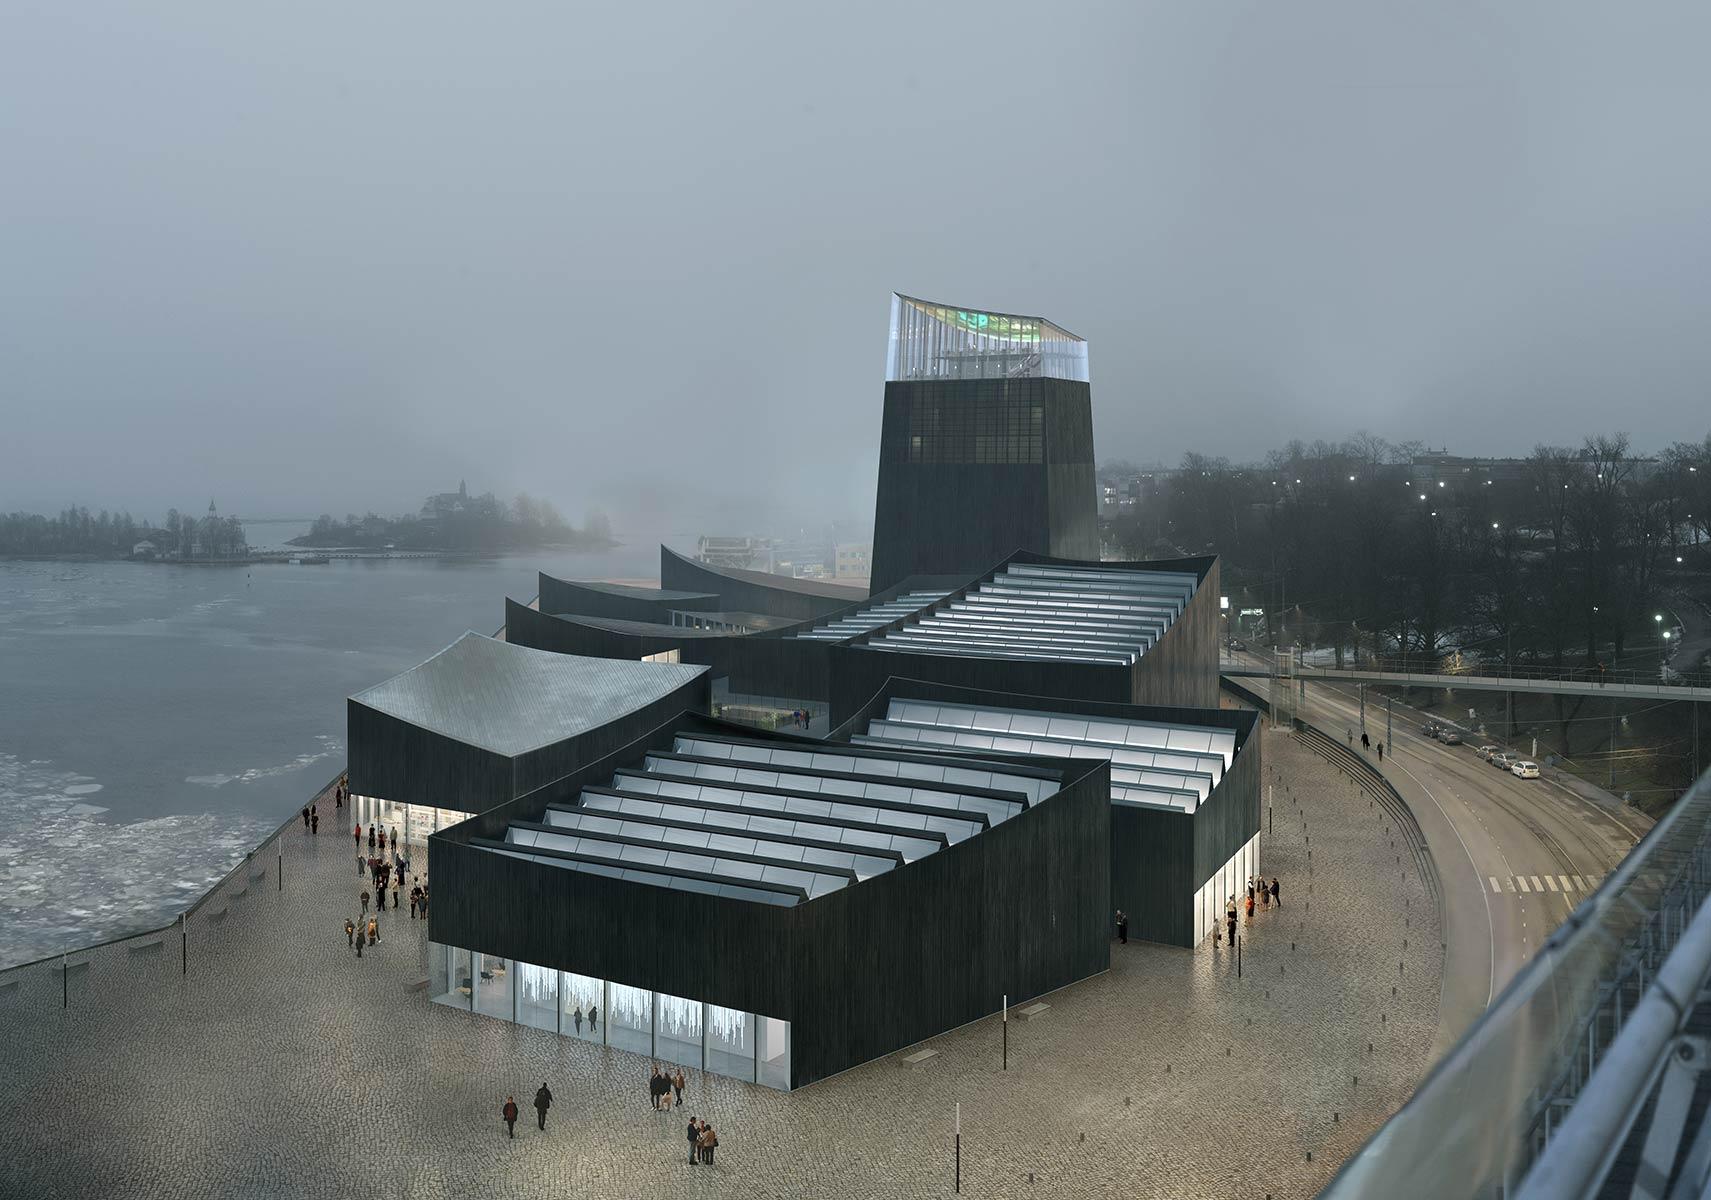 Moreau Kusunoki Architectes, a French firm based in Paris, won the design competition of Guggenheim Helsinki art museum. Illustration: Moreau Kusunoki Architectes